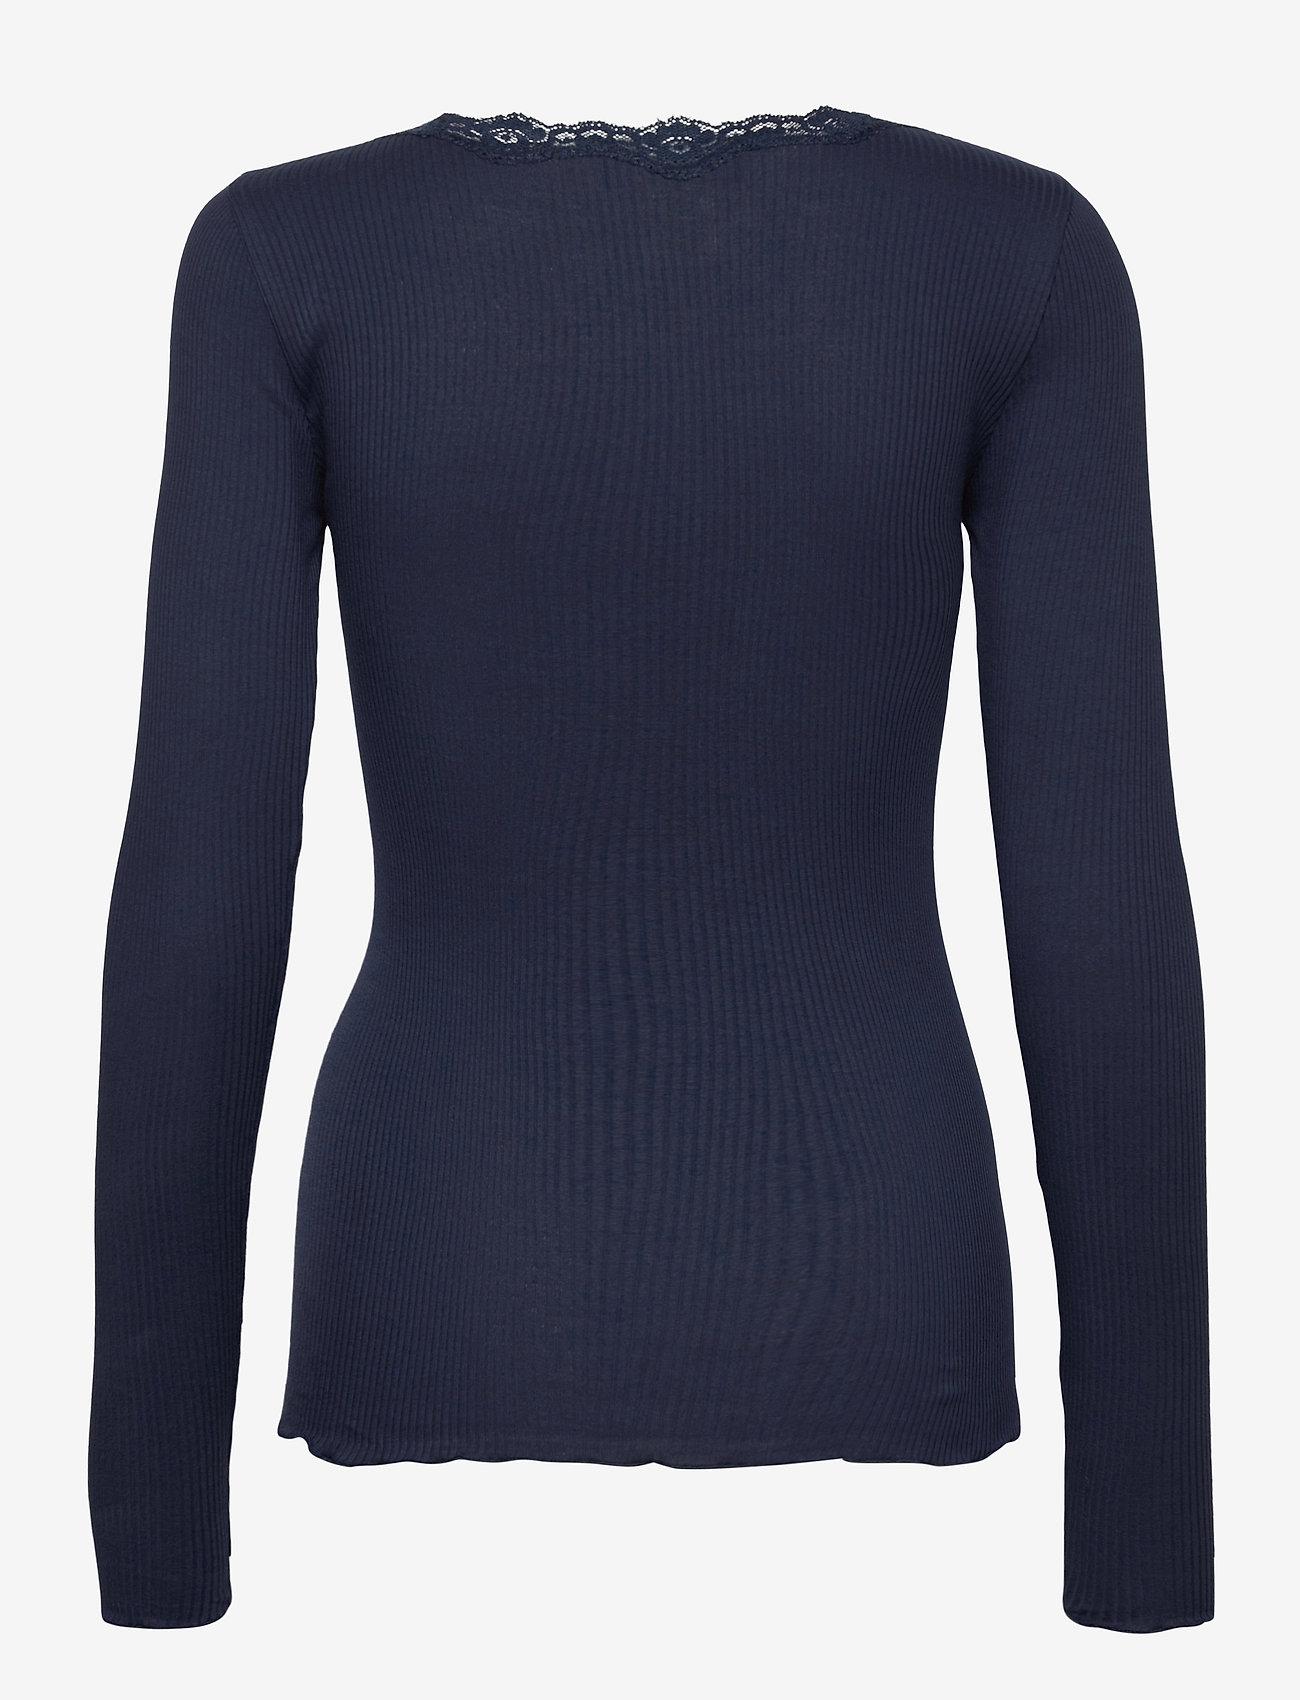 Rosemunde - Organic t-shirt regular w/lace - långärmade toppar - navy - 1